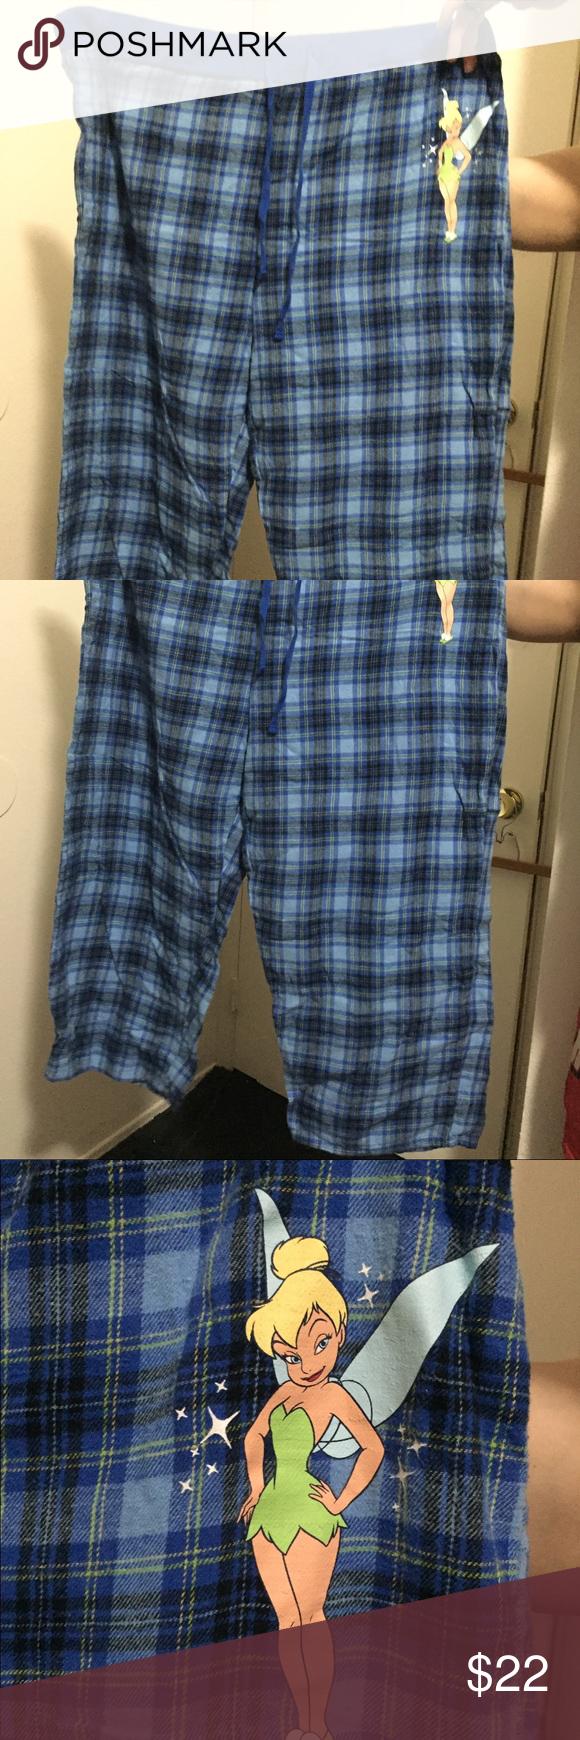 Disney pajama bottoms 2x worn twice very comfy Featuring Tinkerbell Disney Intimates & Sleepwear Pajamas